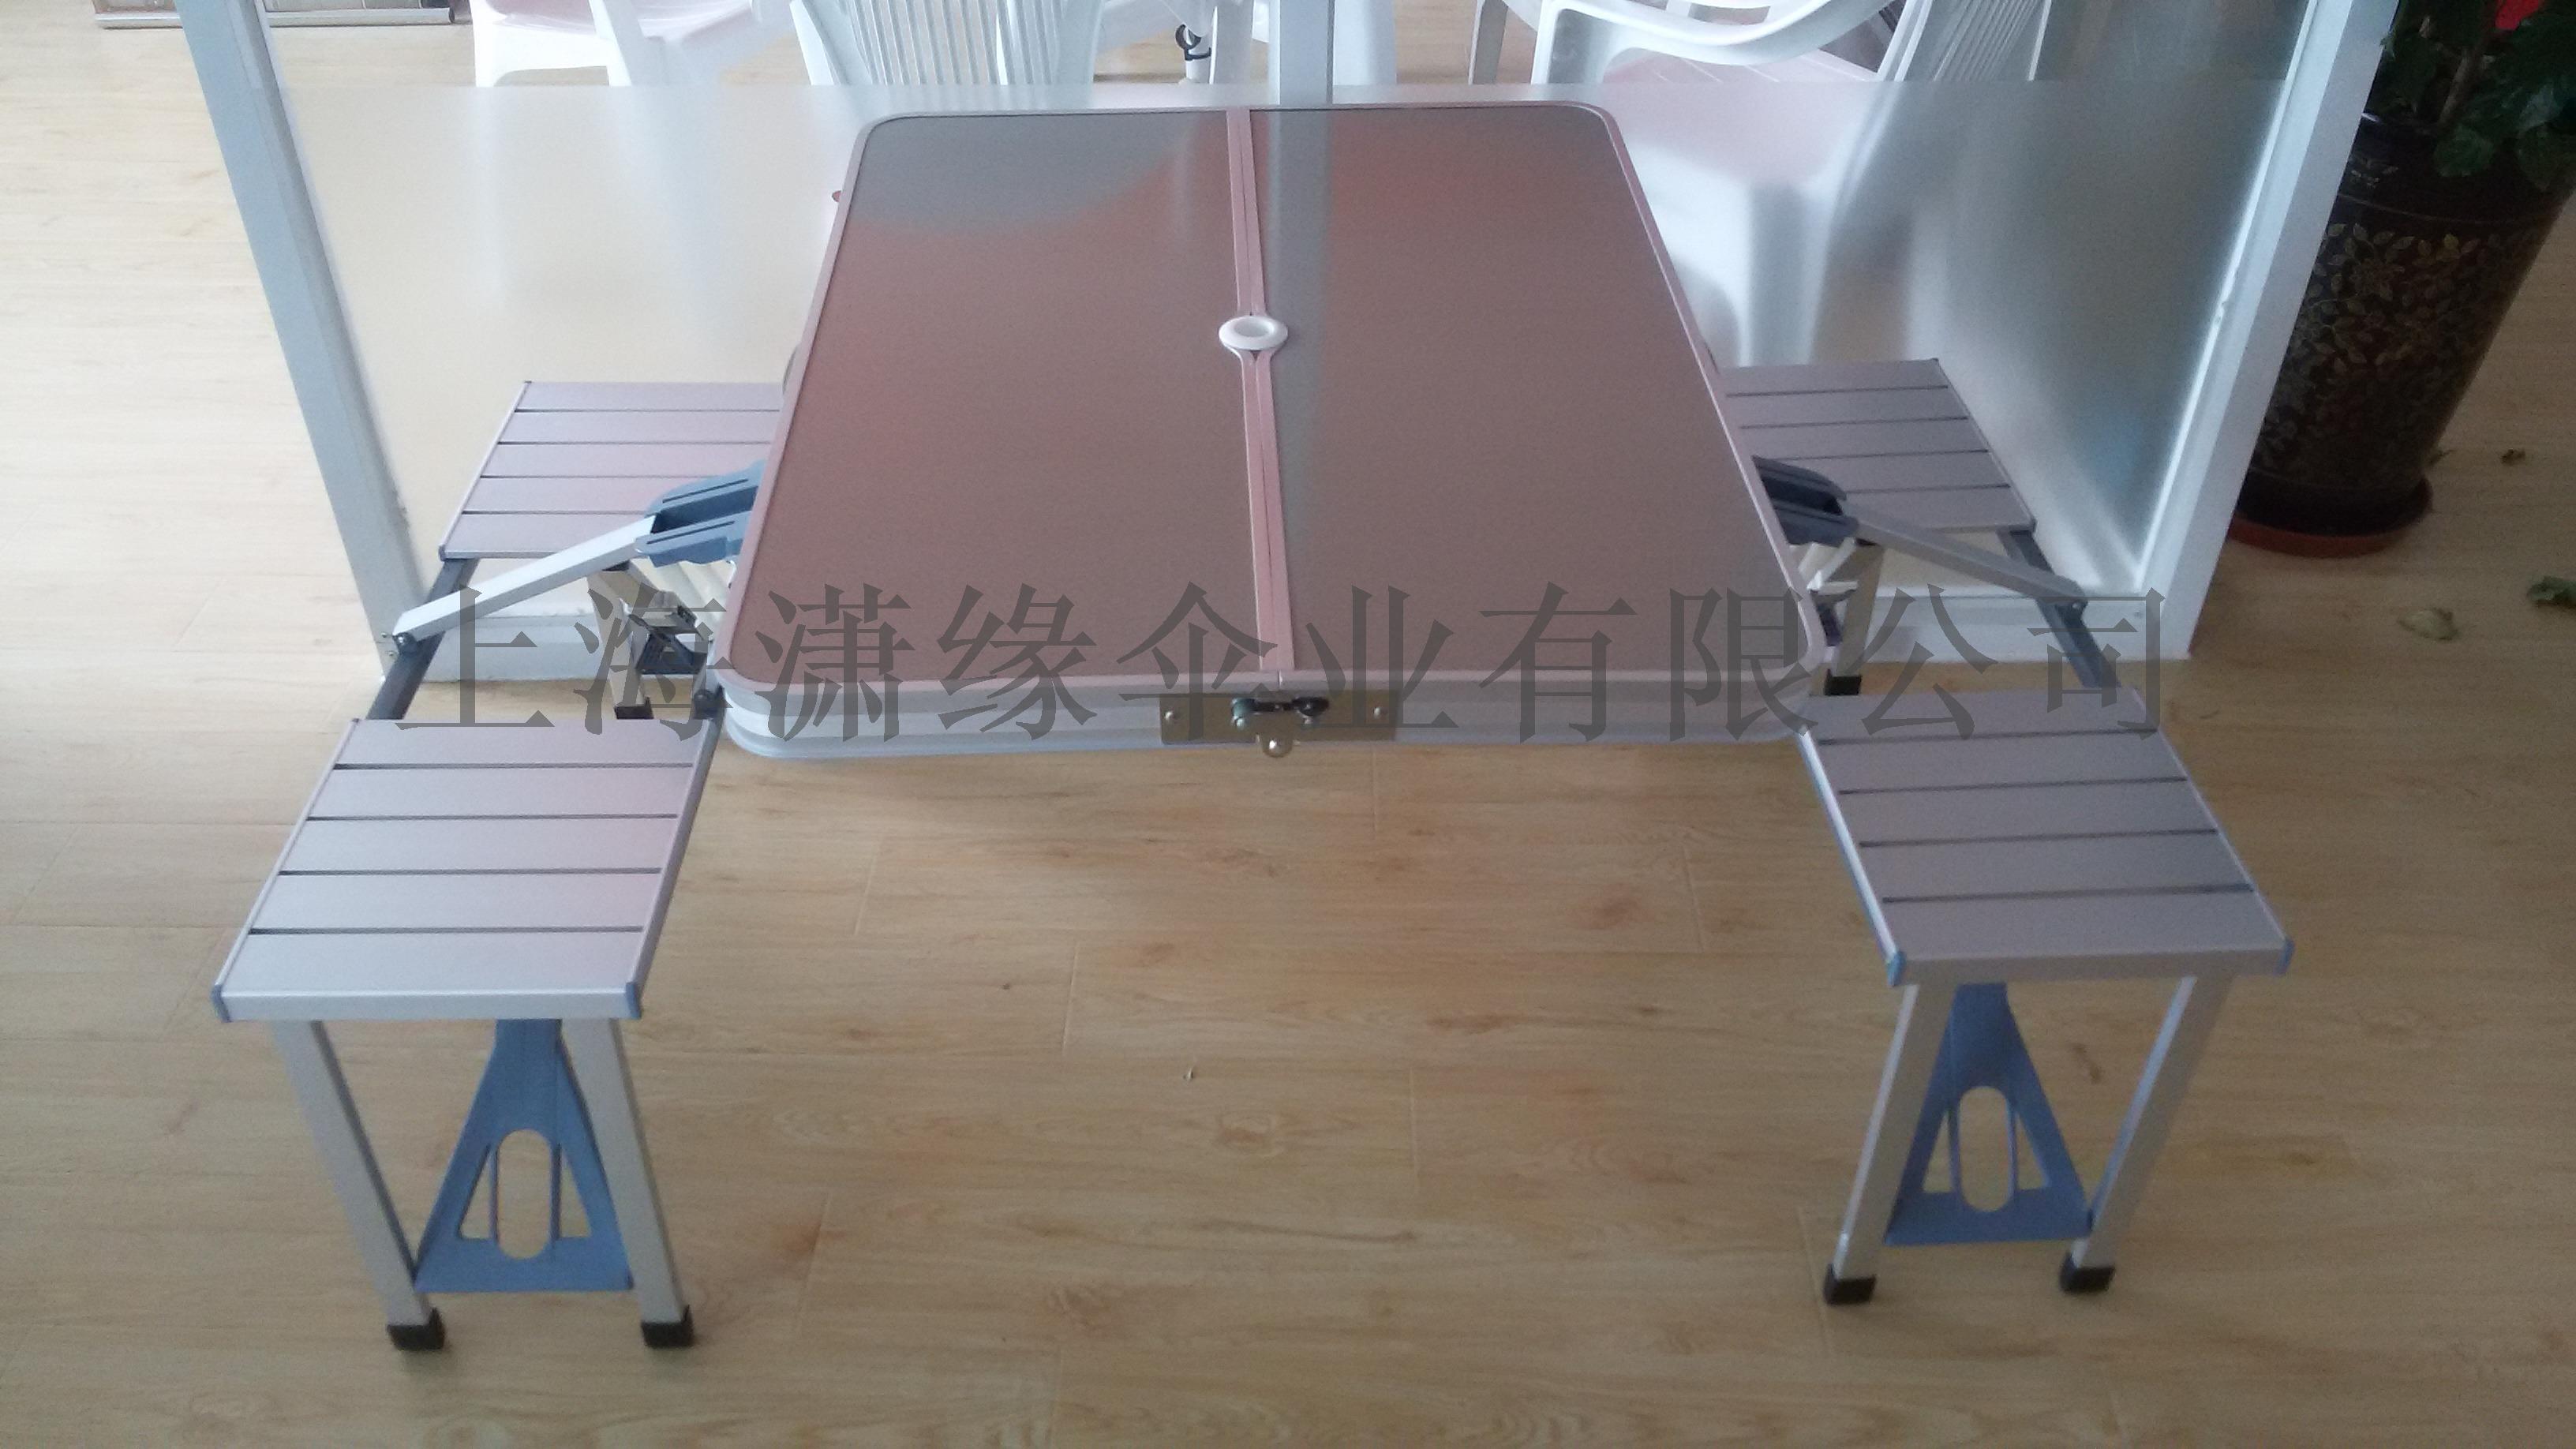 户外旅行休闲折叠桌椅铝合金连体多功能摆摊地推野餐定制印logo845183622